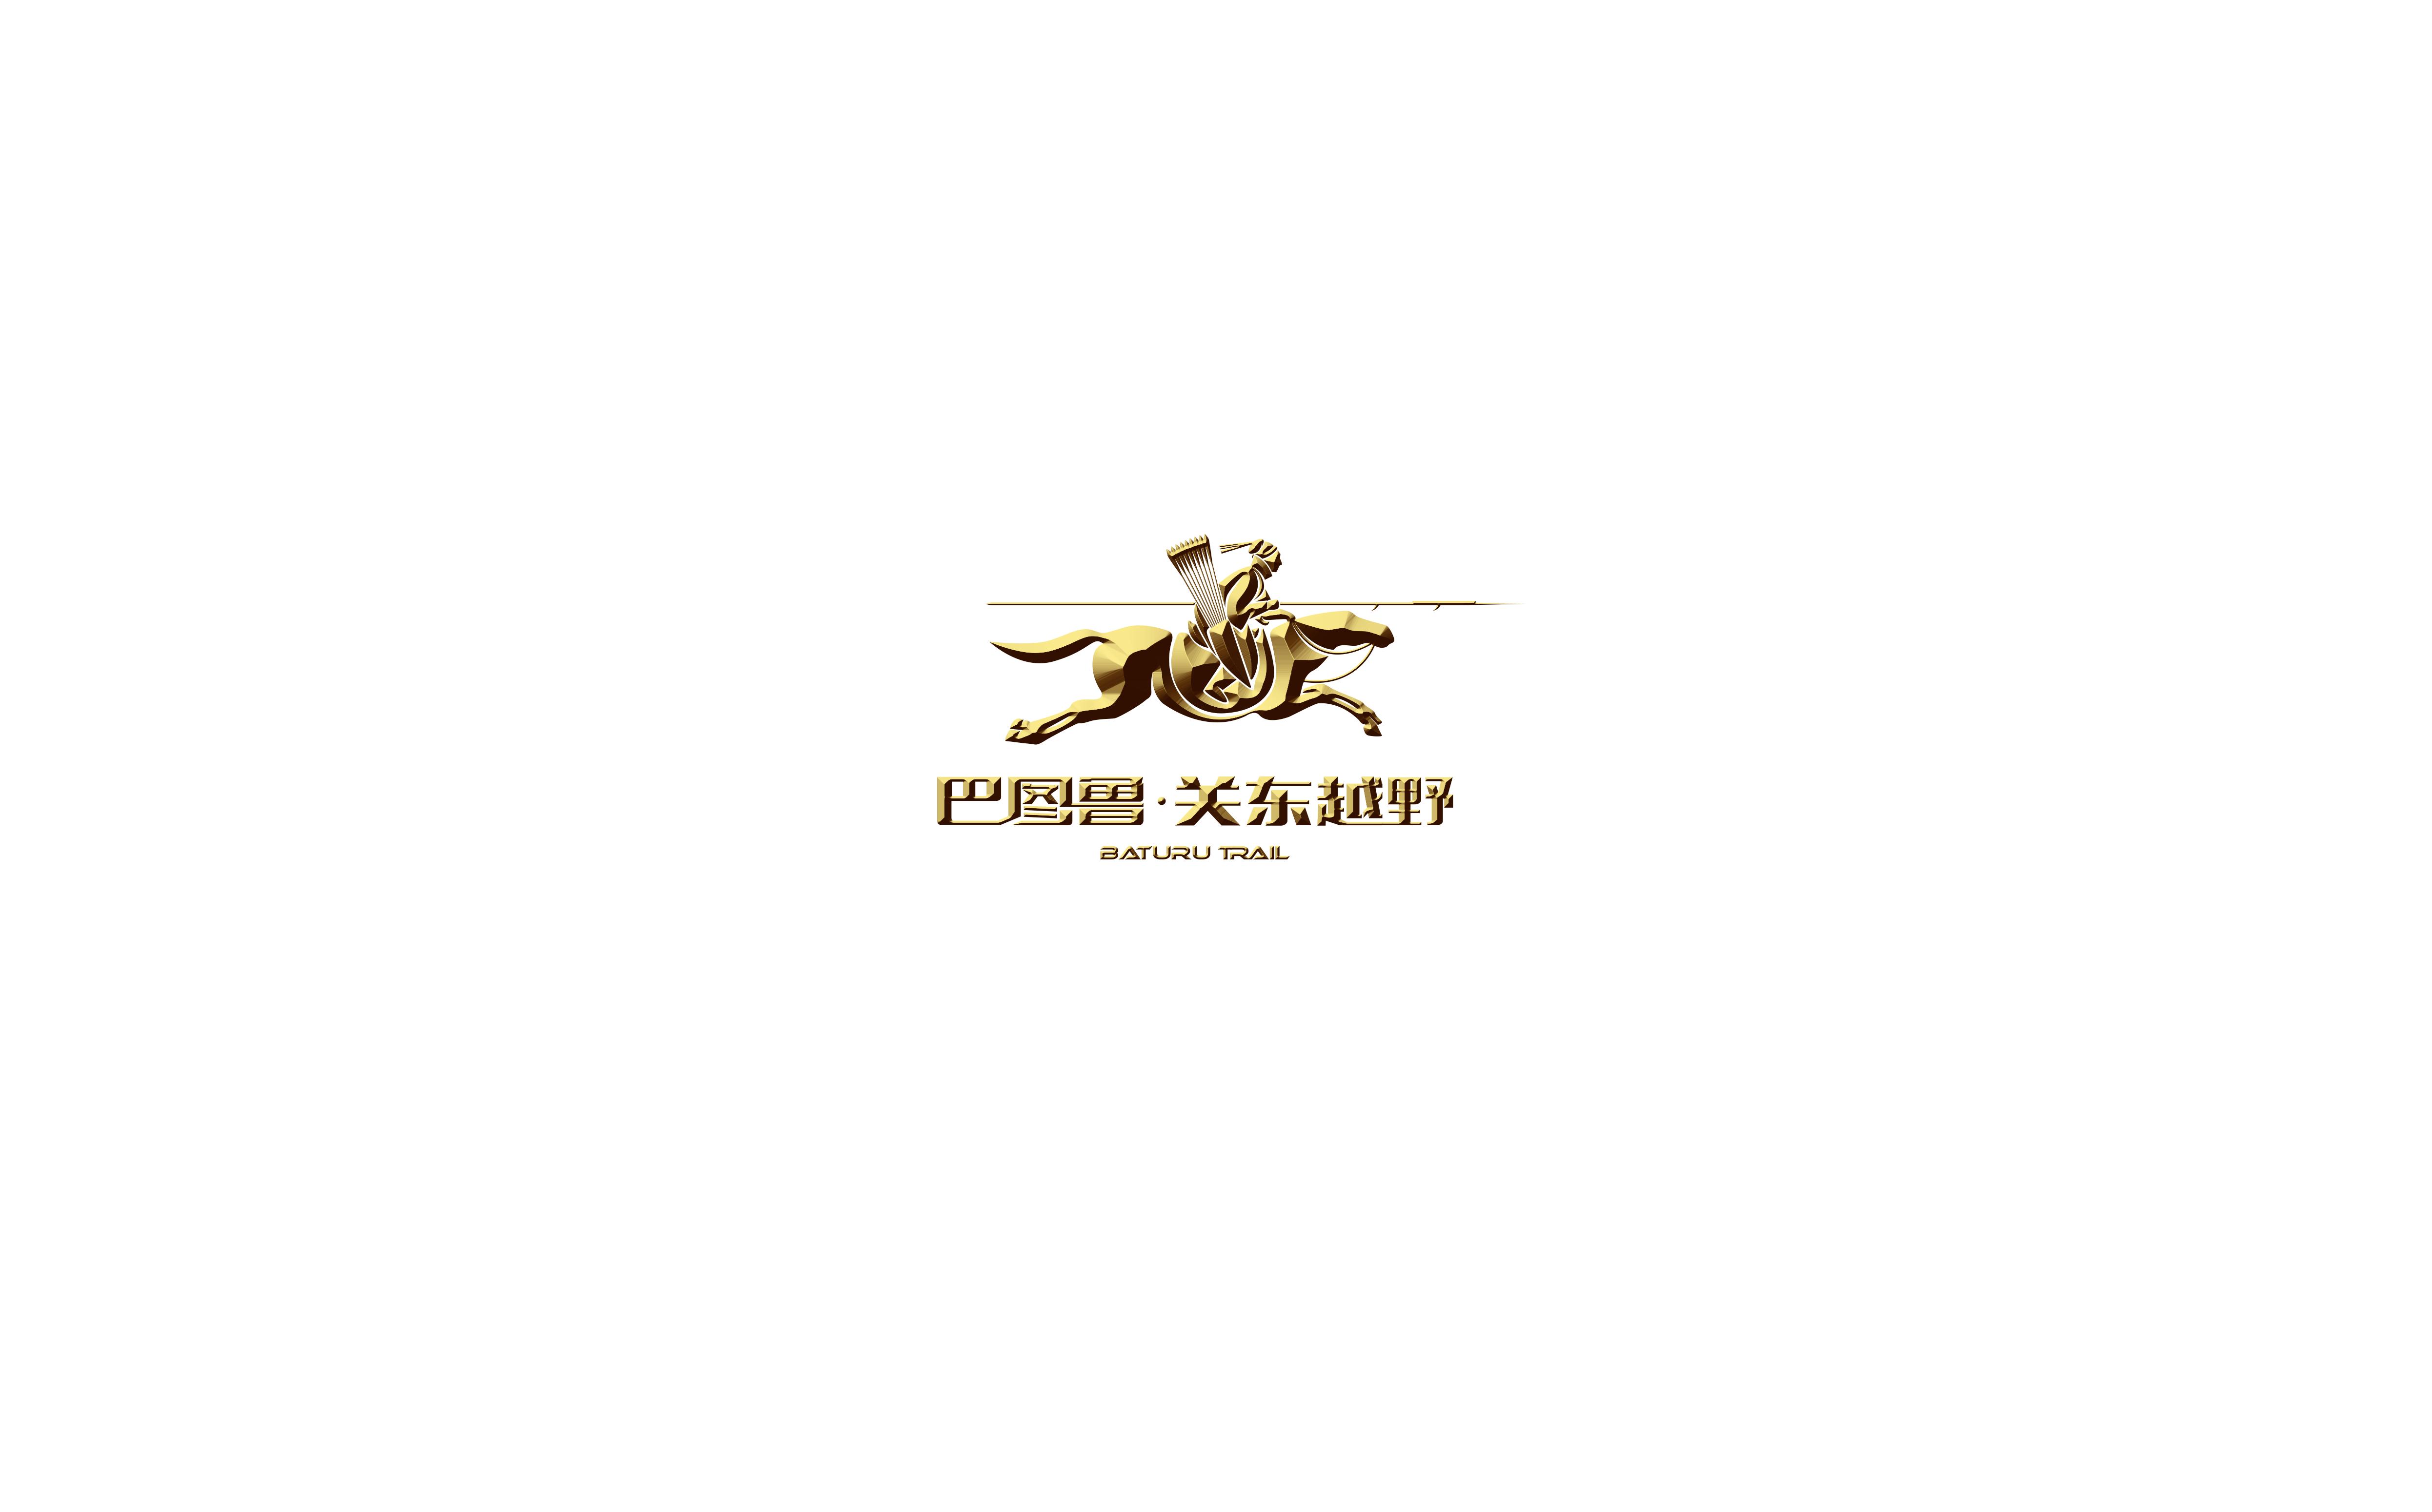 UTCT联盟赛事|关门山壹佰